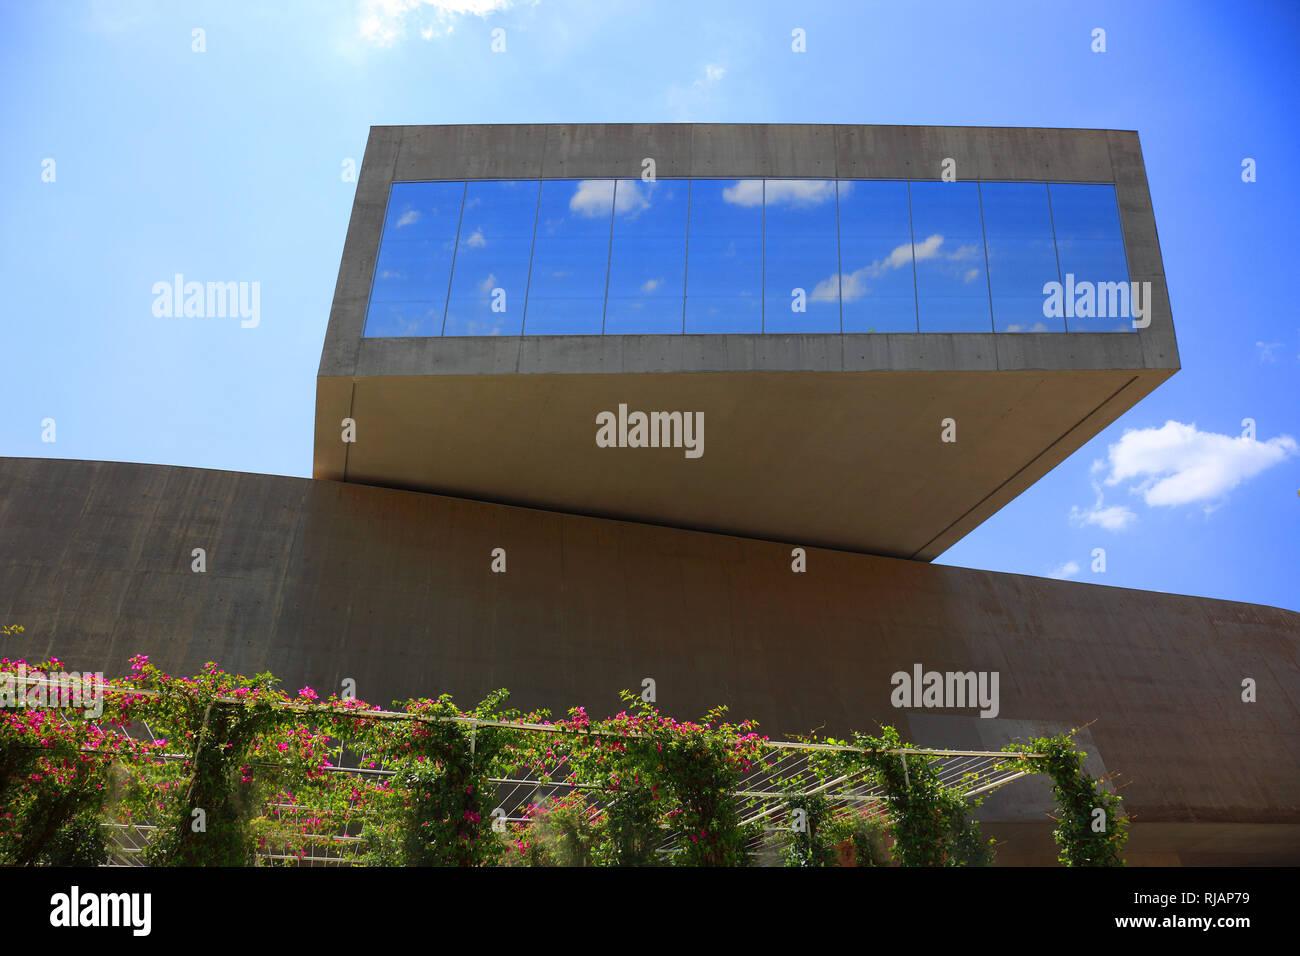 Il MAXXI, Museo nazionale delle arti del XXI secolo e il museo nazionale del XXI secolo le arti, un museo nazionale di arte contemporanea e architettura in Immagini Stock